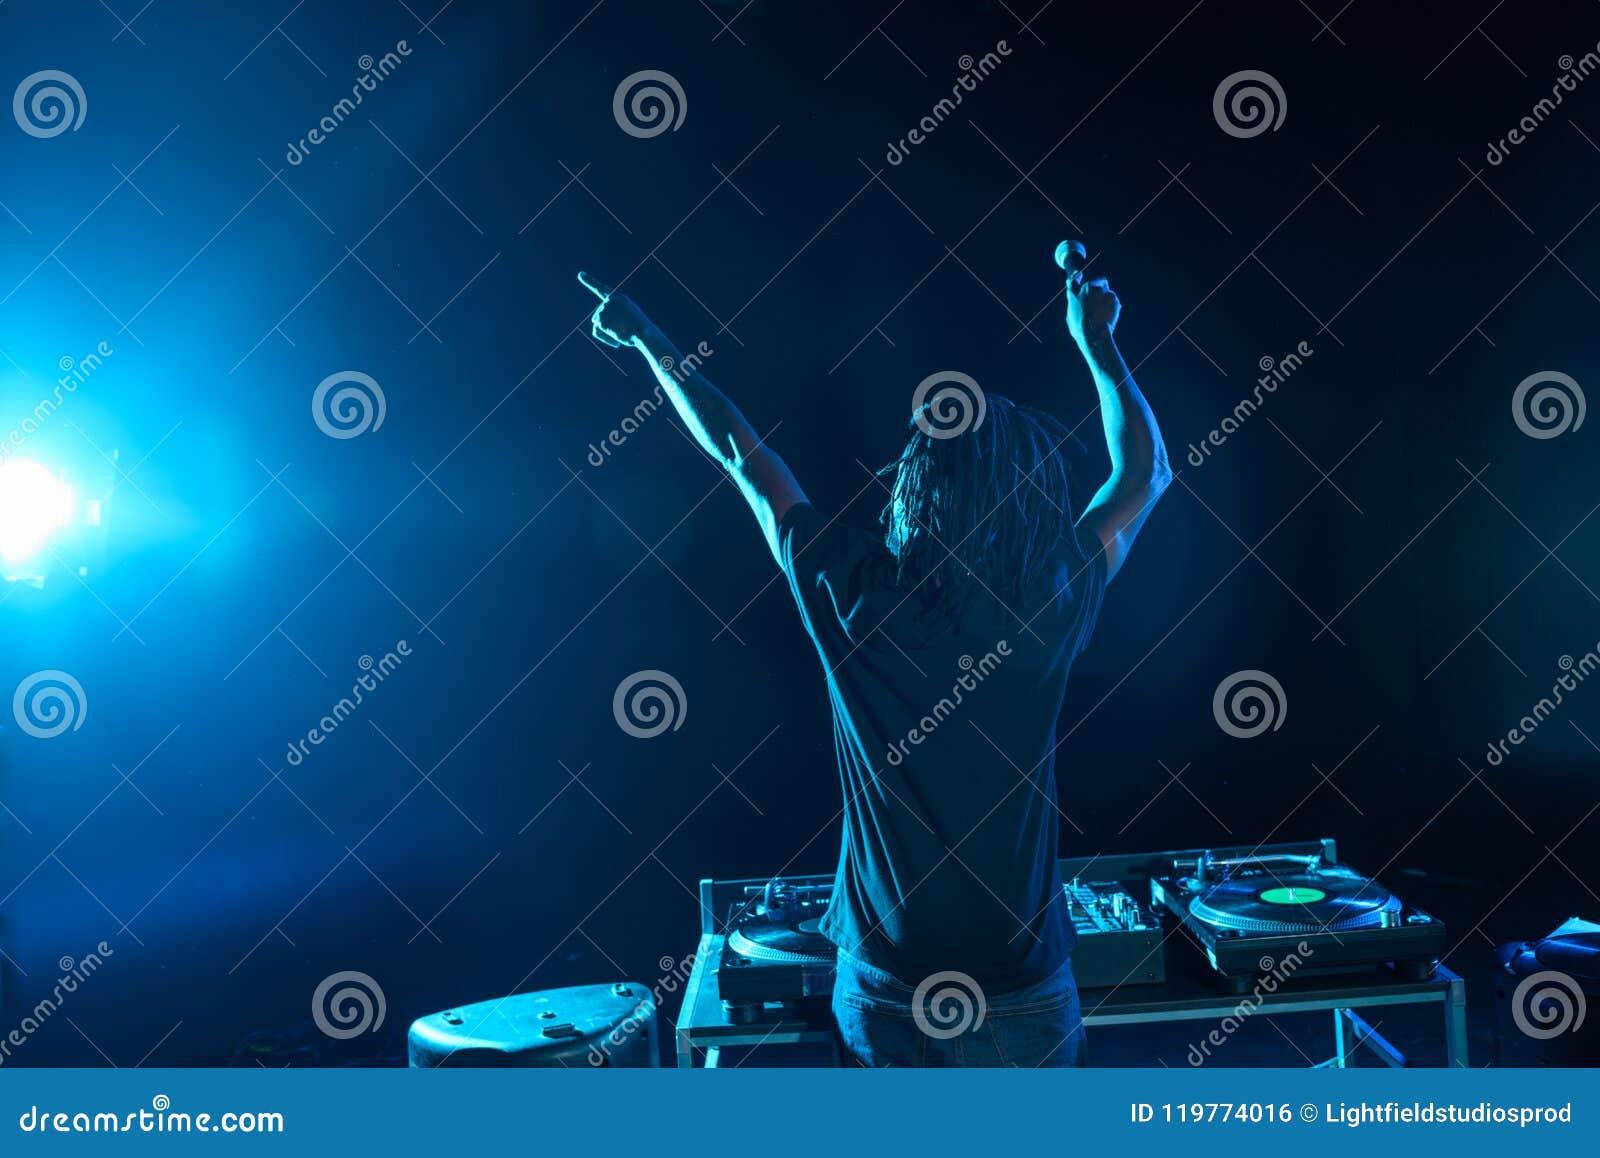 Club afroamericano profesional DJ con el mezclador de sonidos en concierto